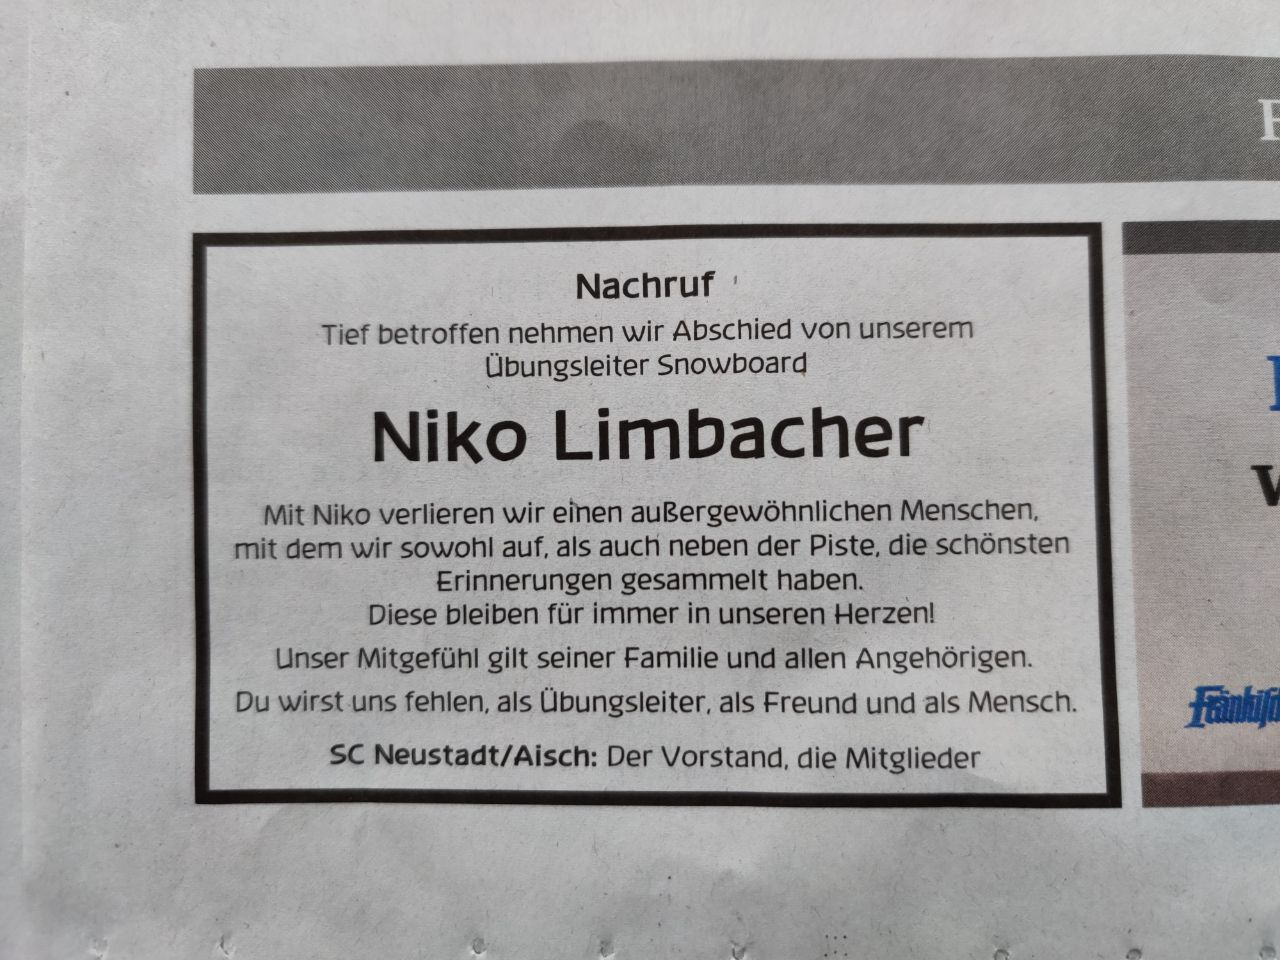 Nachruf für Niko Limbacher erschienen am 02.11.2020 in der FLZ